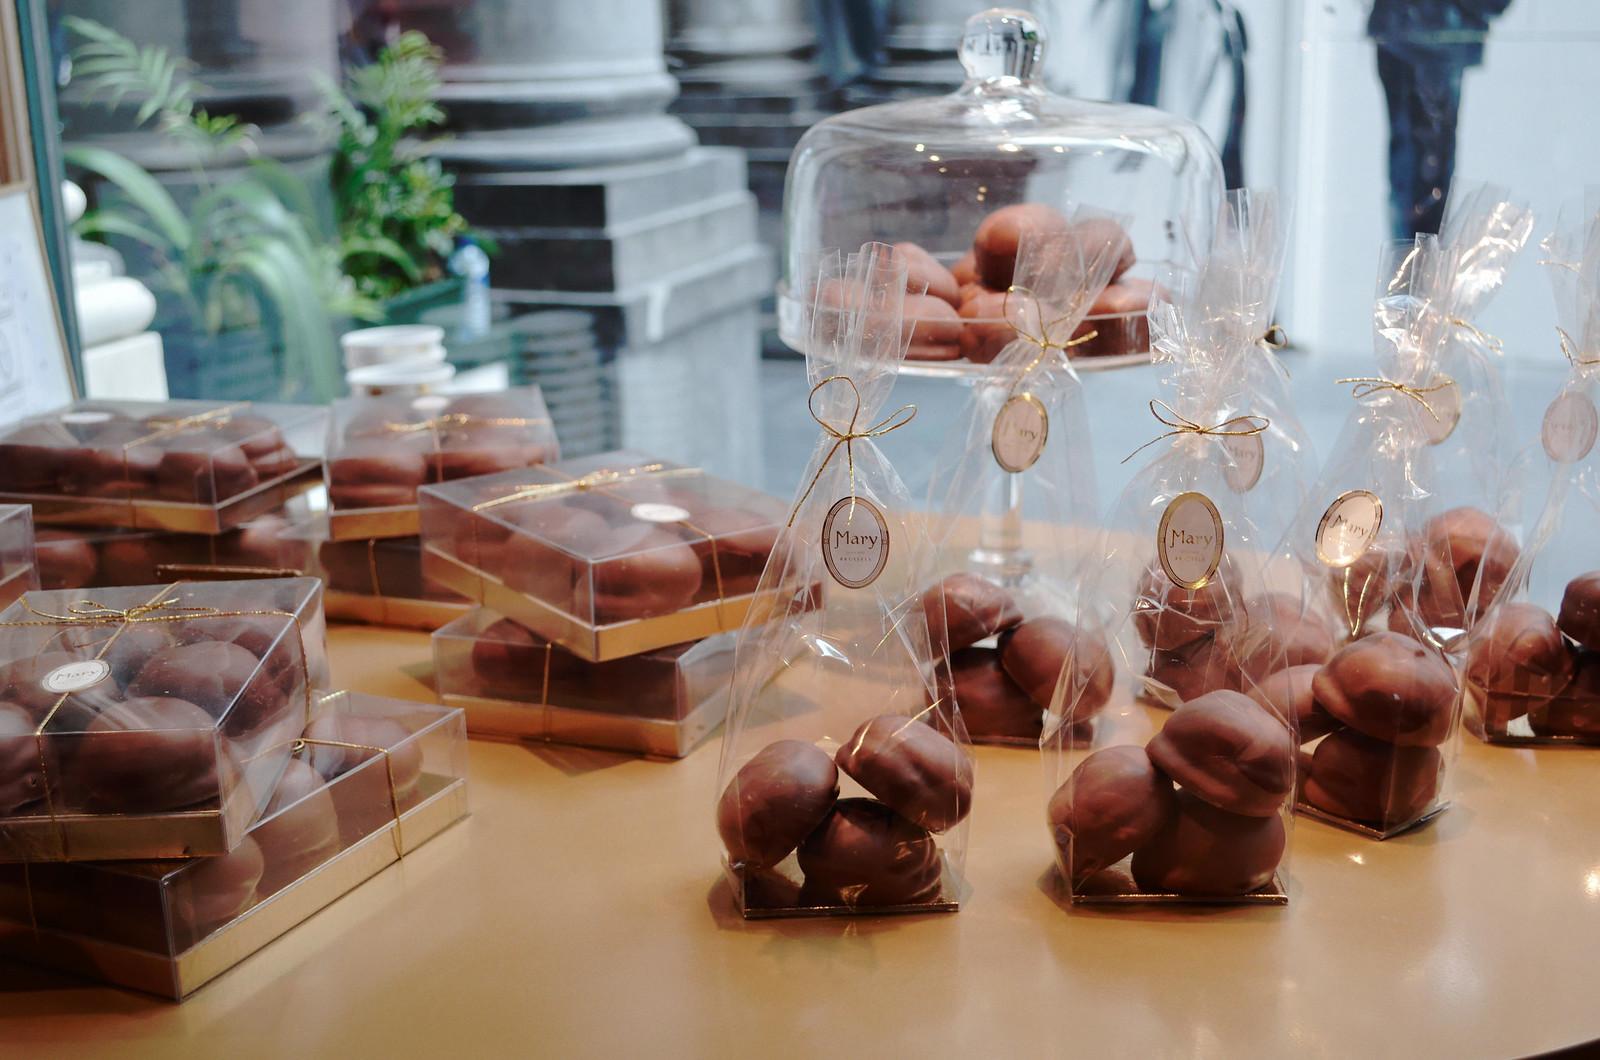 Chocolats Mary, Galeries St Hubert